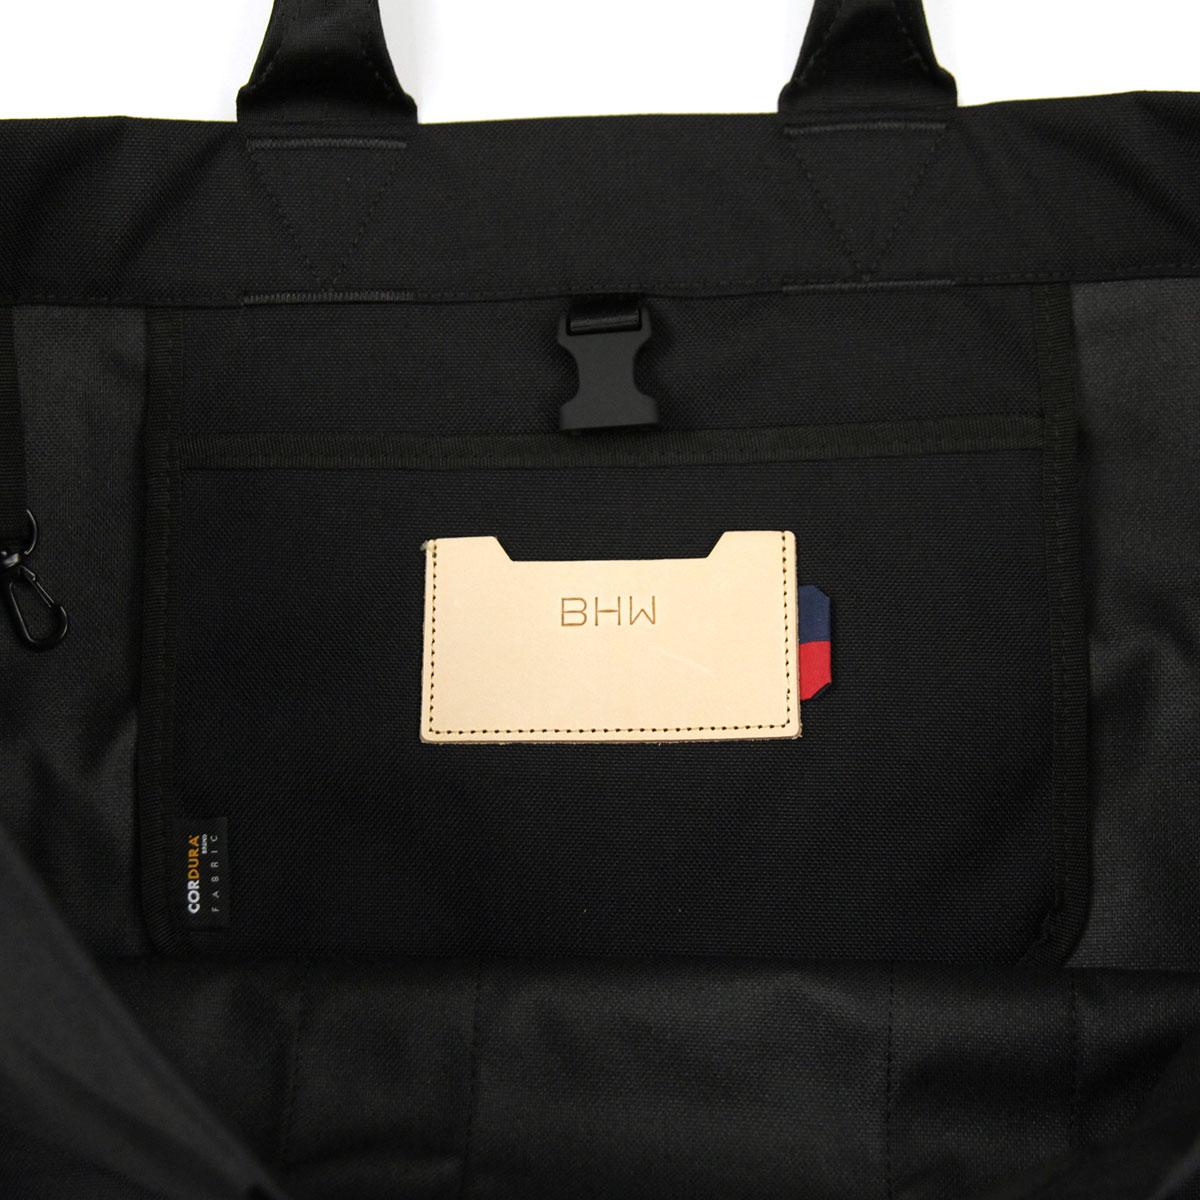 8a7029dd49 Hershel supply Herschel Supply regular store bag tote bag H-445 TOTE BAG  BHW 10418-01981-OS BLACK